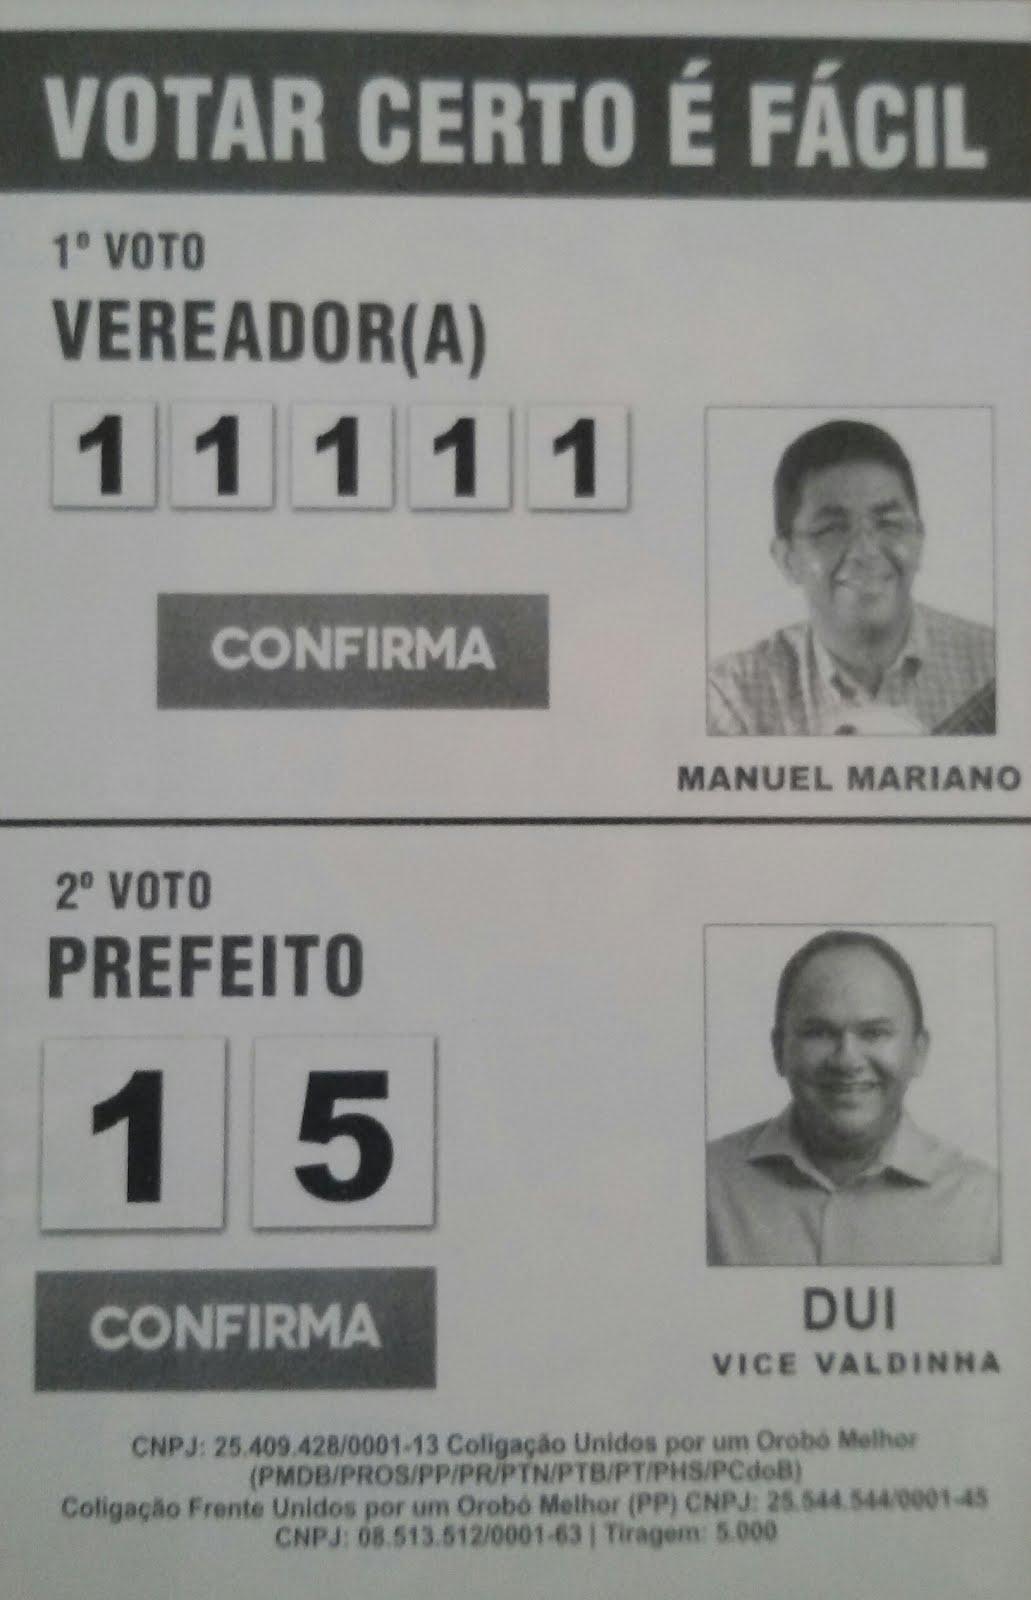 Manuel Mariano vereador e Dui do Bujão prefeito de Orobó